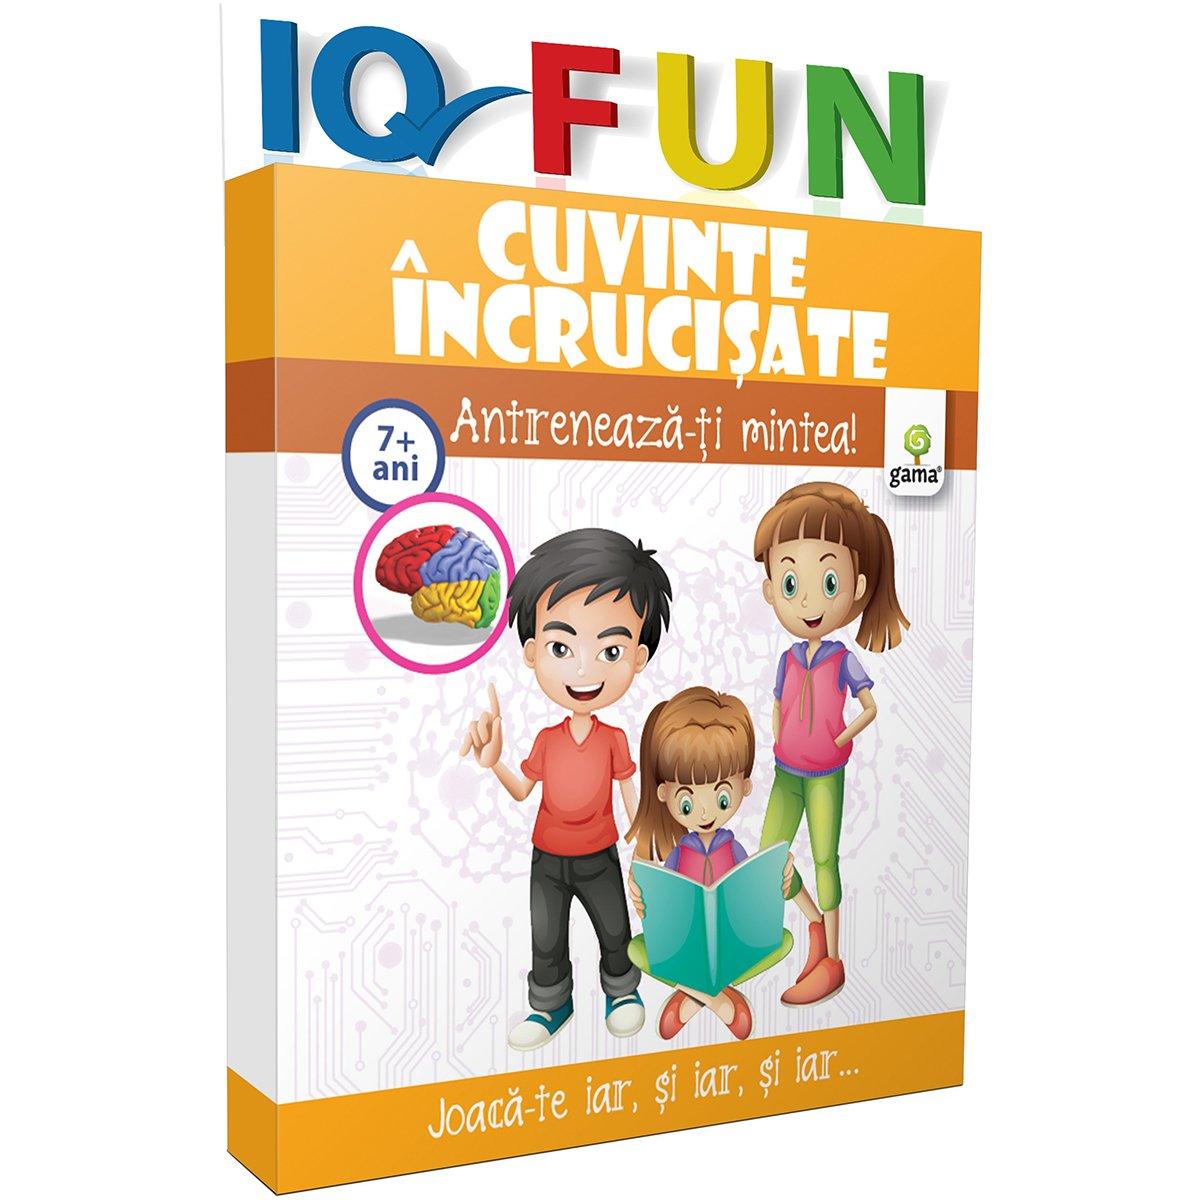 Editura Gama, IQ FUN Cuvinte incrucisate